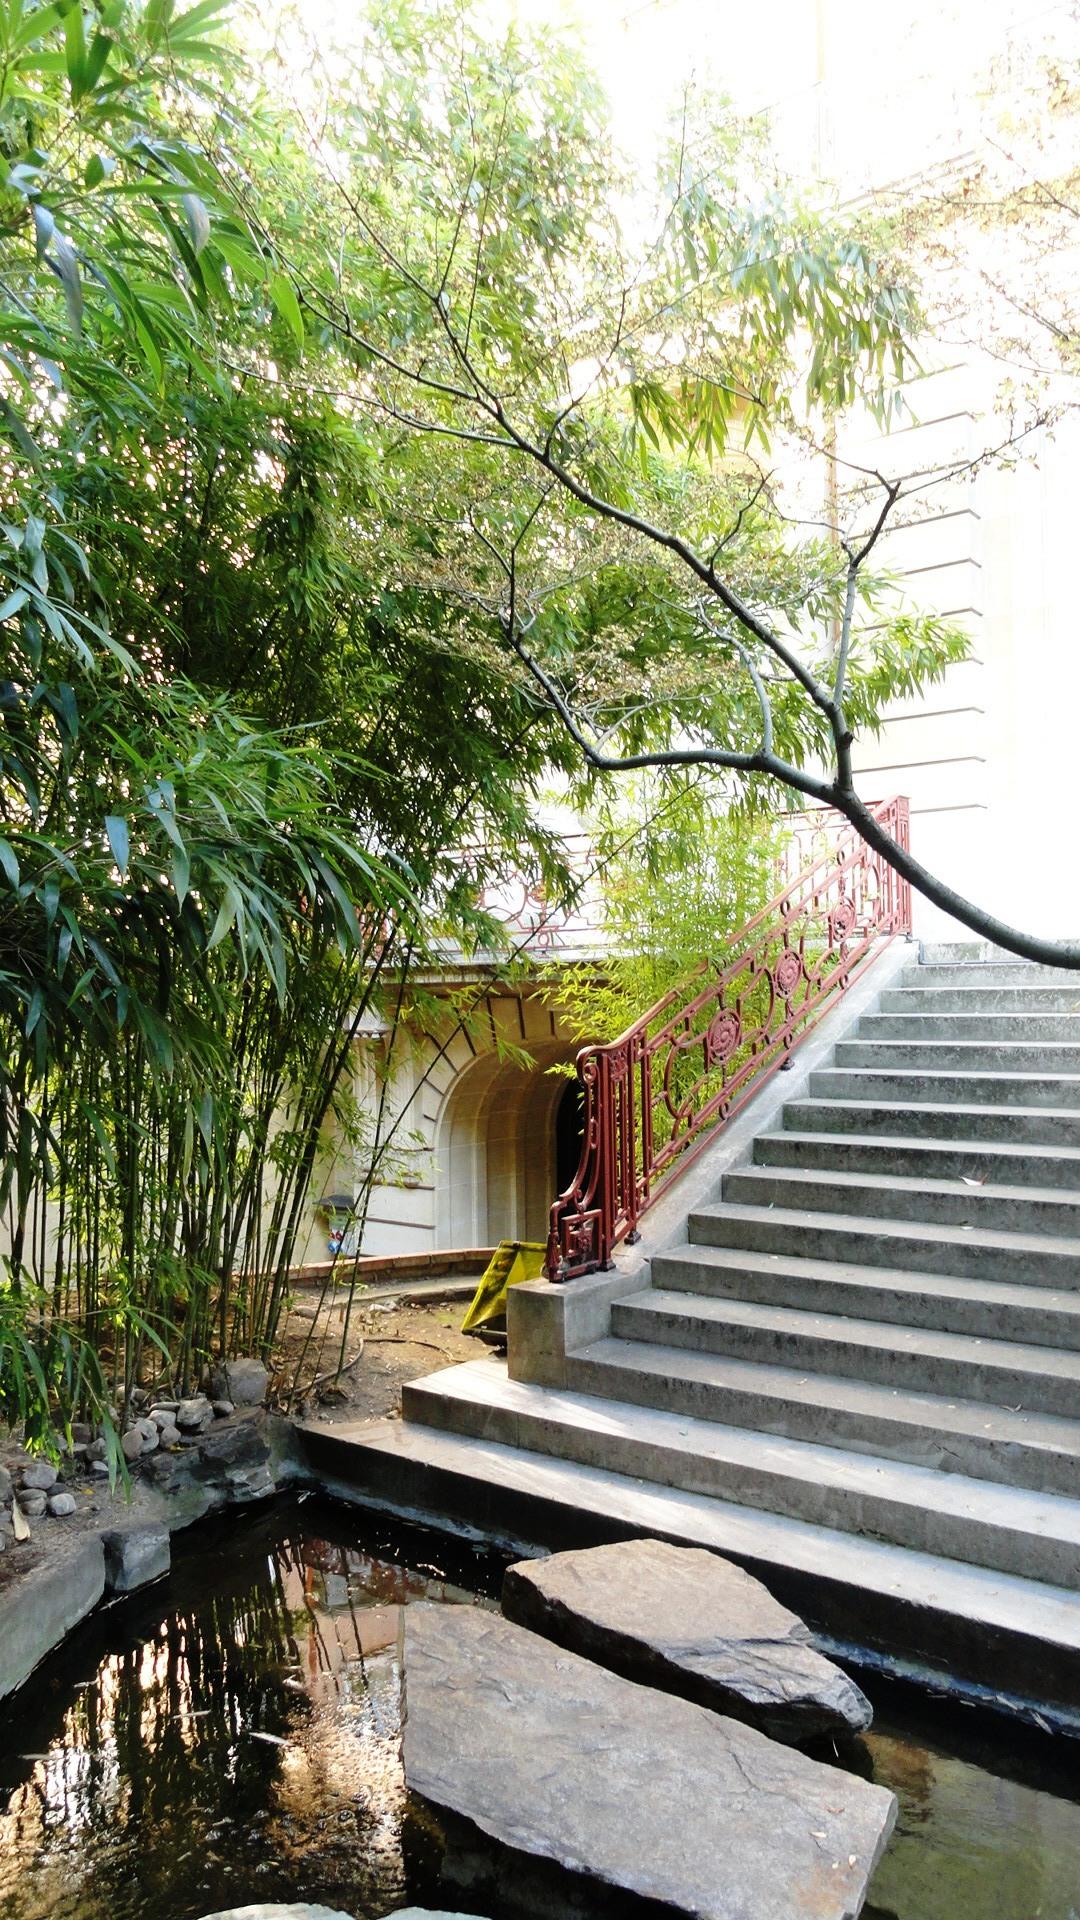 Musée Guimet -  Panthéon bouddhique, Hôtel Heidelbach - Jardin japonnais